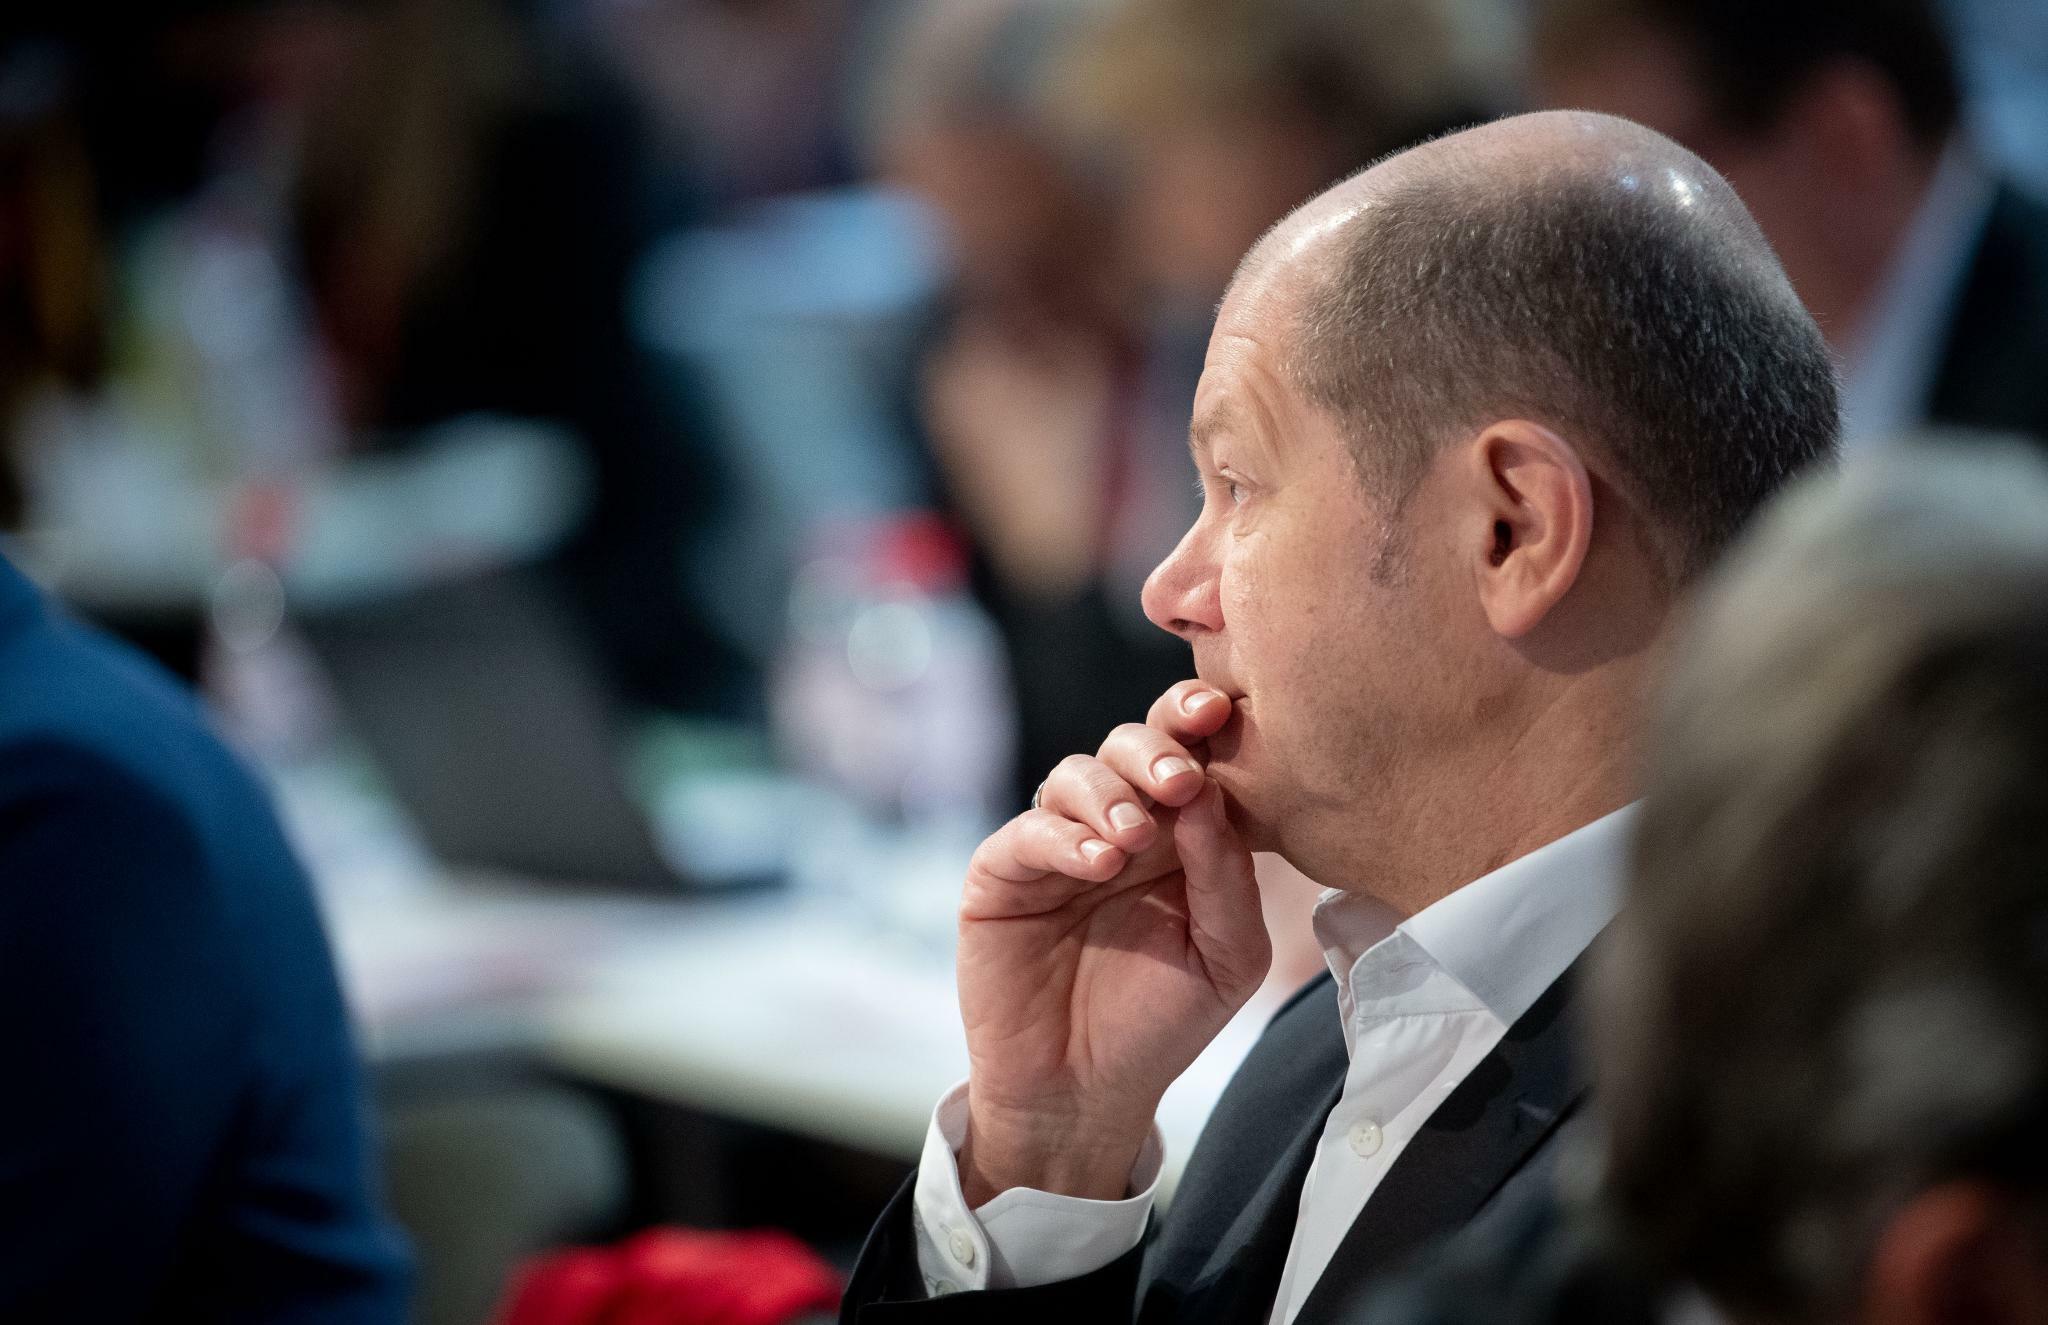 Finanztransaktionen: Scholz' Pläne treffen die Falschen